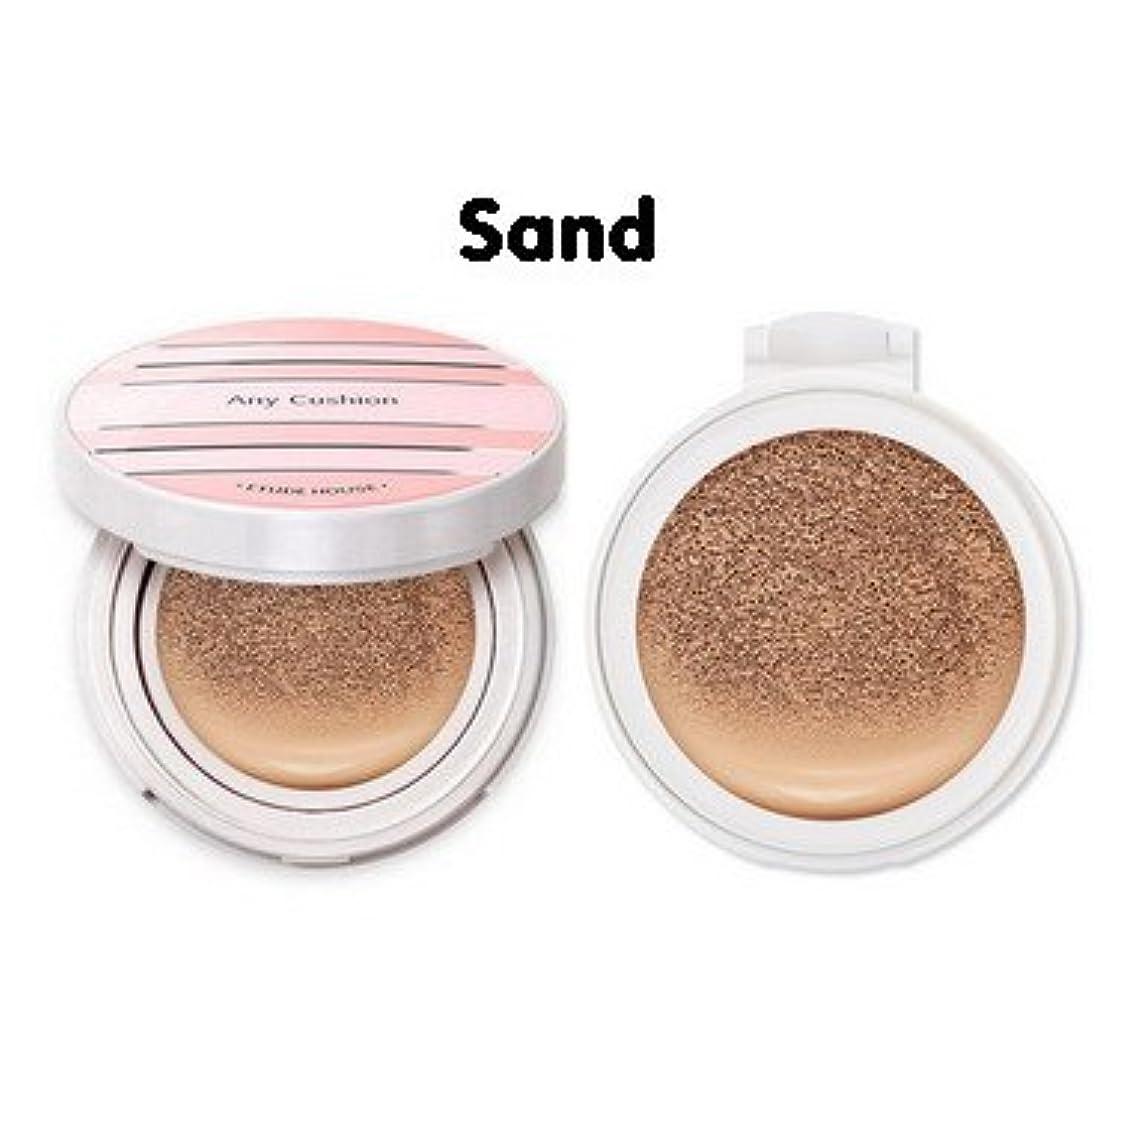 オープナー胸かび臭い【ETUDE HOUSE(エチュードハウス)】エニクッション オールデーパーフェクト15g+15g (本品+リフィル) (SPF50+/ PA+++) (6カラー選択1) (Sand) [並行輸入品]